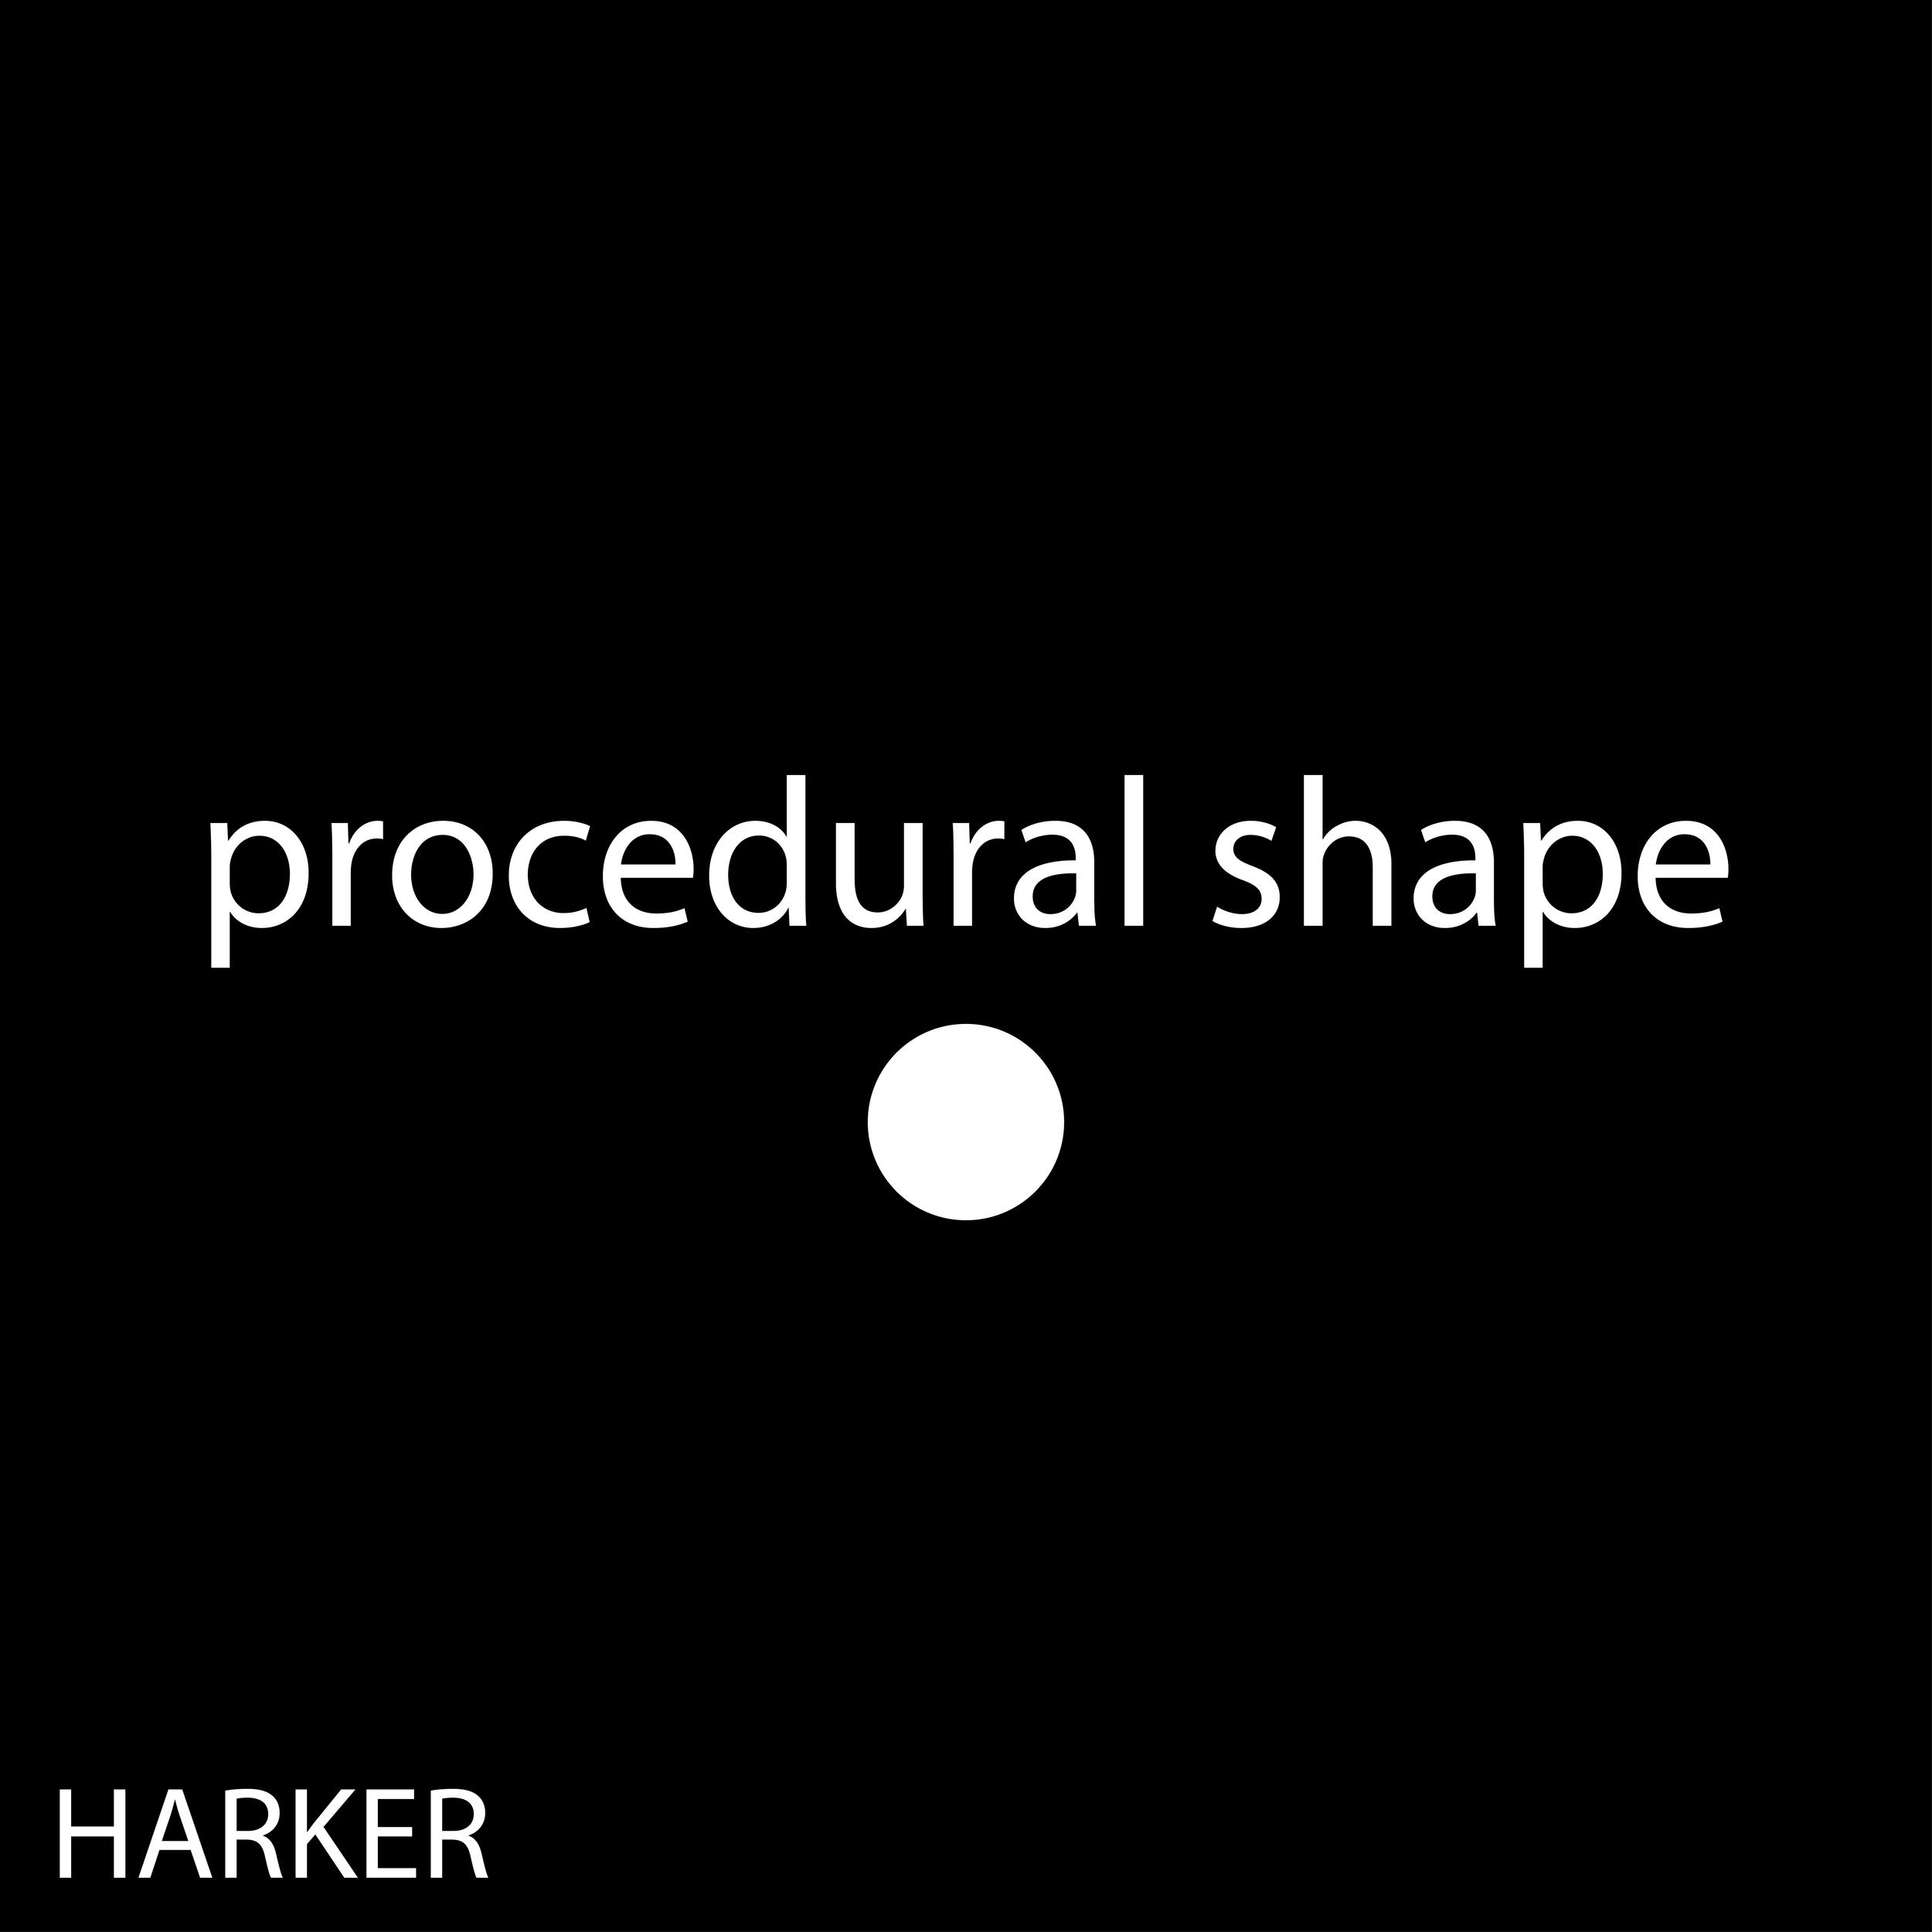 procedural_shape.jpg